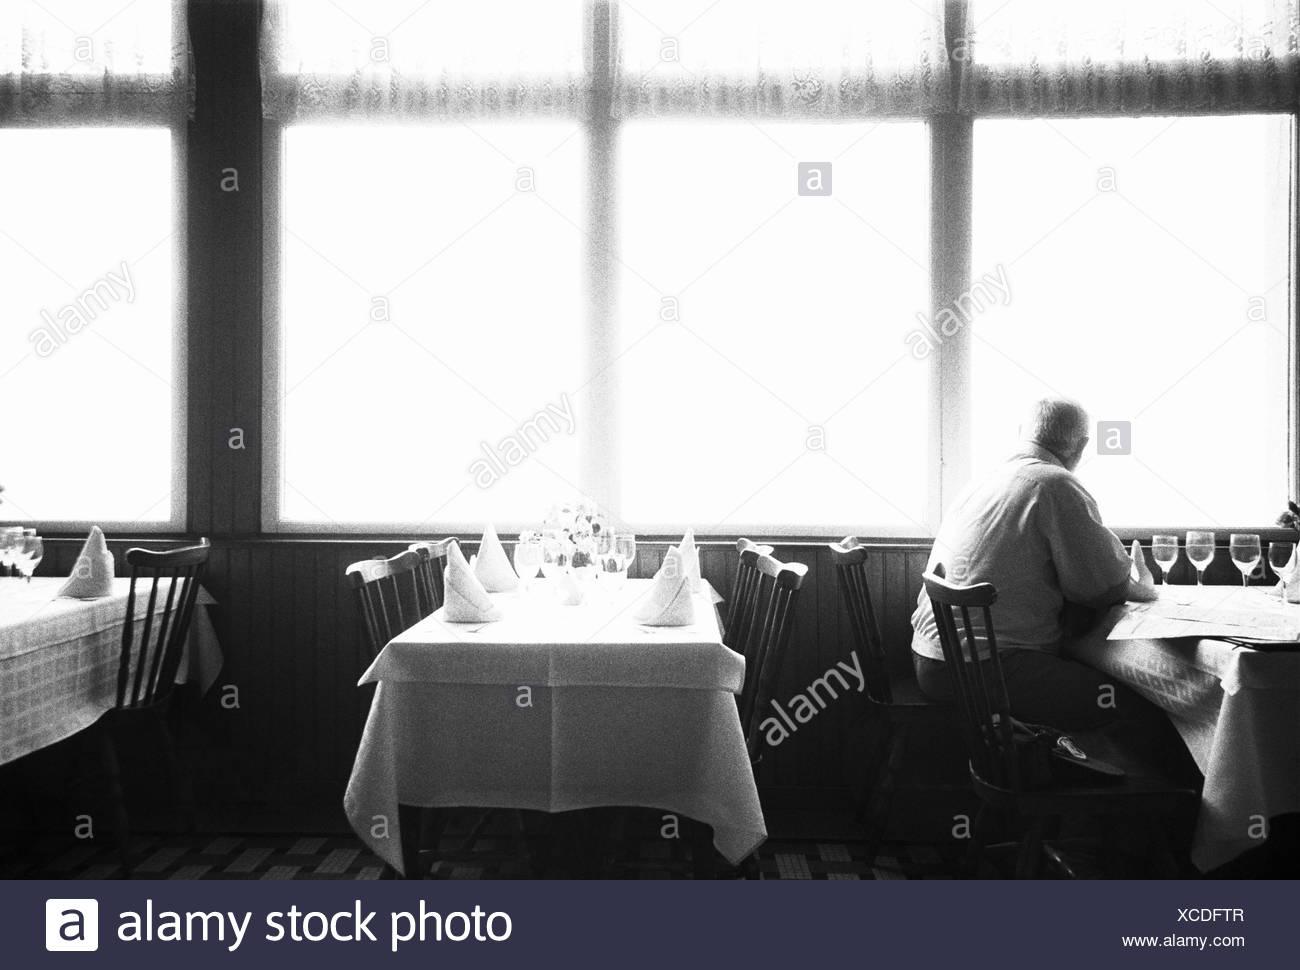 Restaurant, Gast, Blick, Fenster, s/w,  no model release  Cafe, Lokal, innen, Fensterplatz, Fensterfront, Tische, gedeckt, Mann, alt, Senior, Senioren, Alter, allein, einsam, Isolation, Einsamkeit, Ausblick, Einzelgänger, Resignation, Vereinsamung, Ti4 - Stock Image